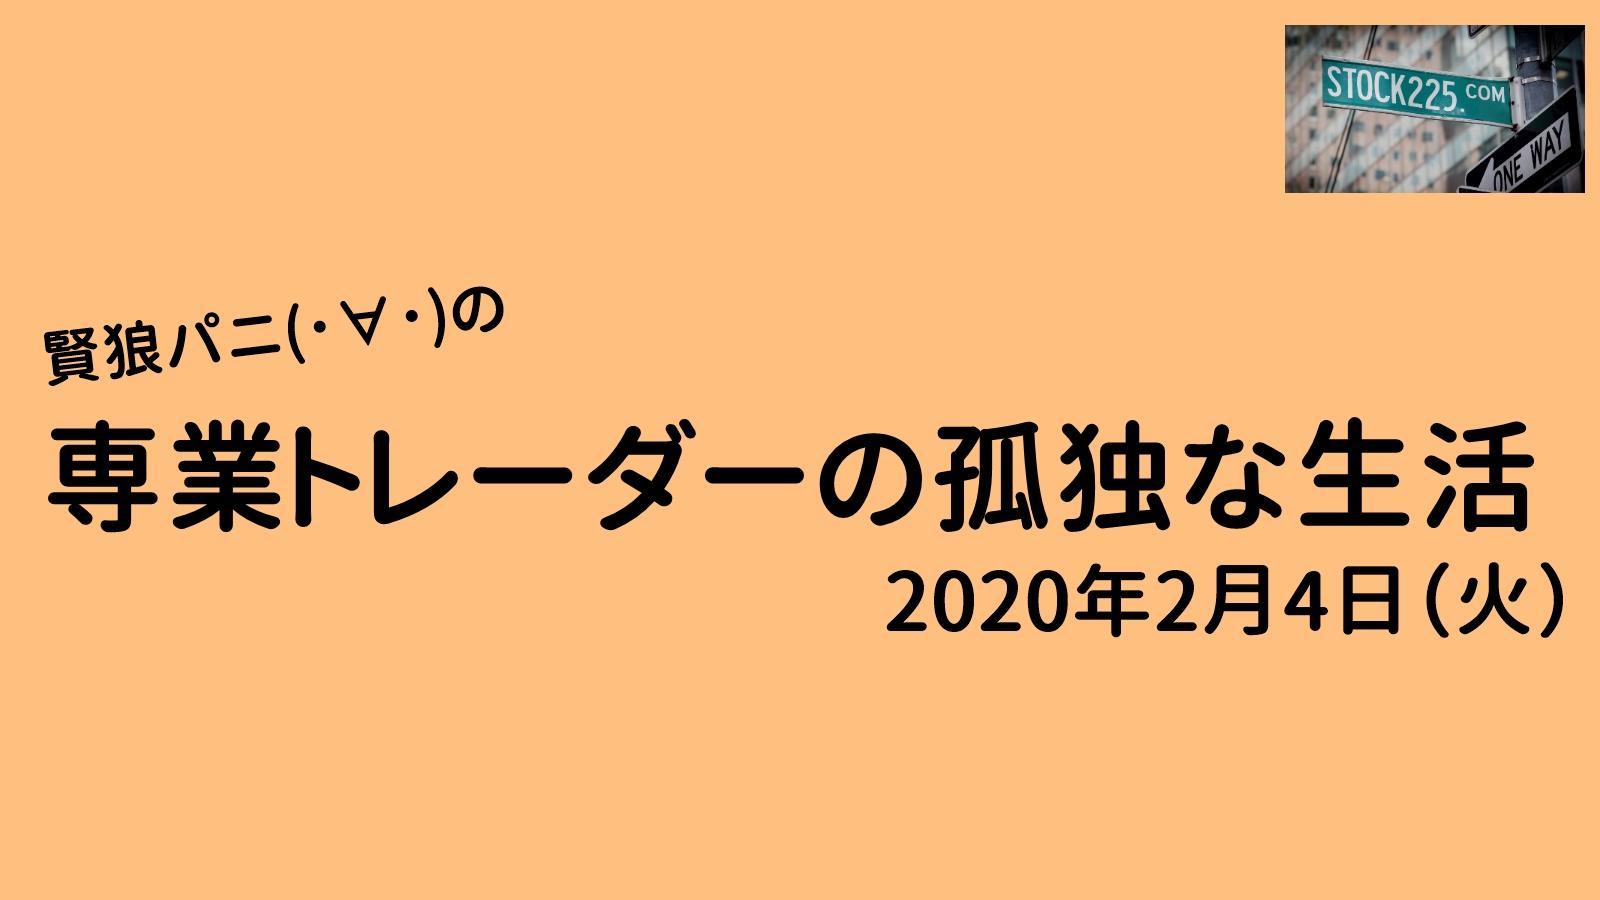 専業トレーダーの孤独な生活20200204